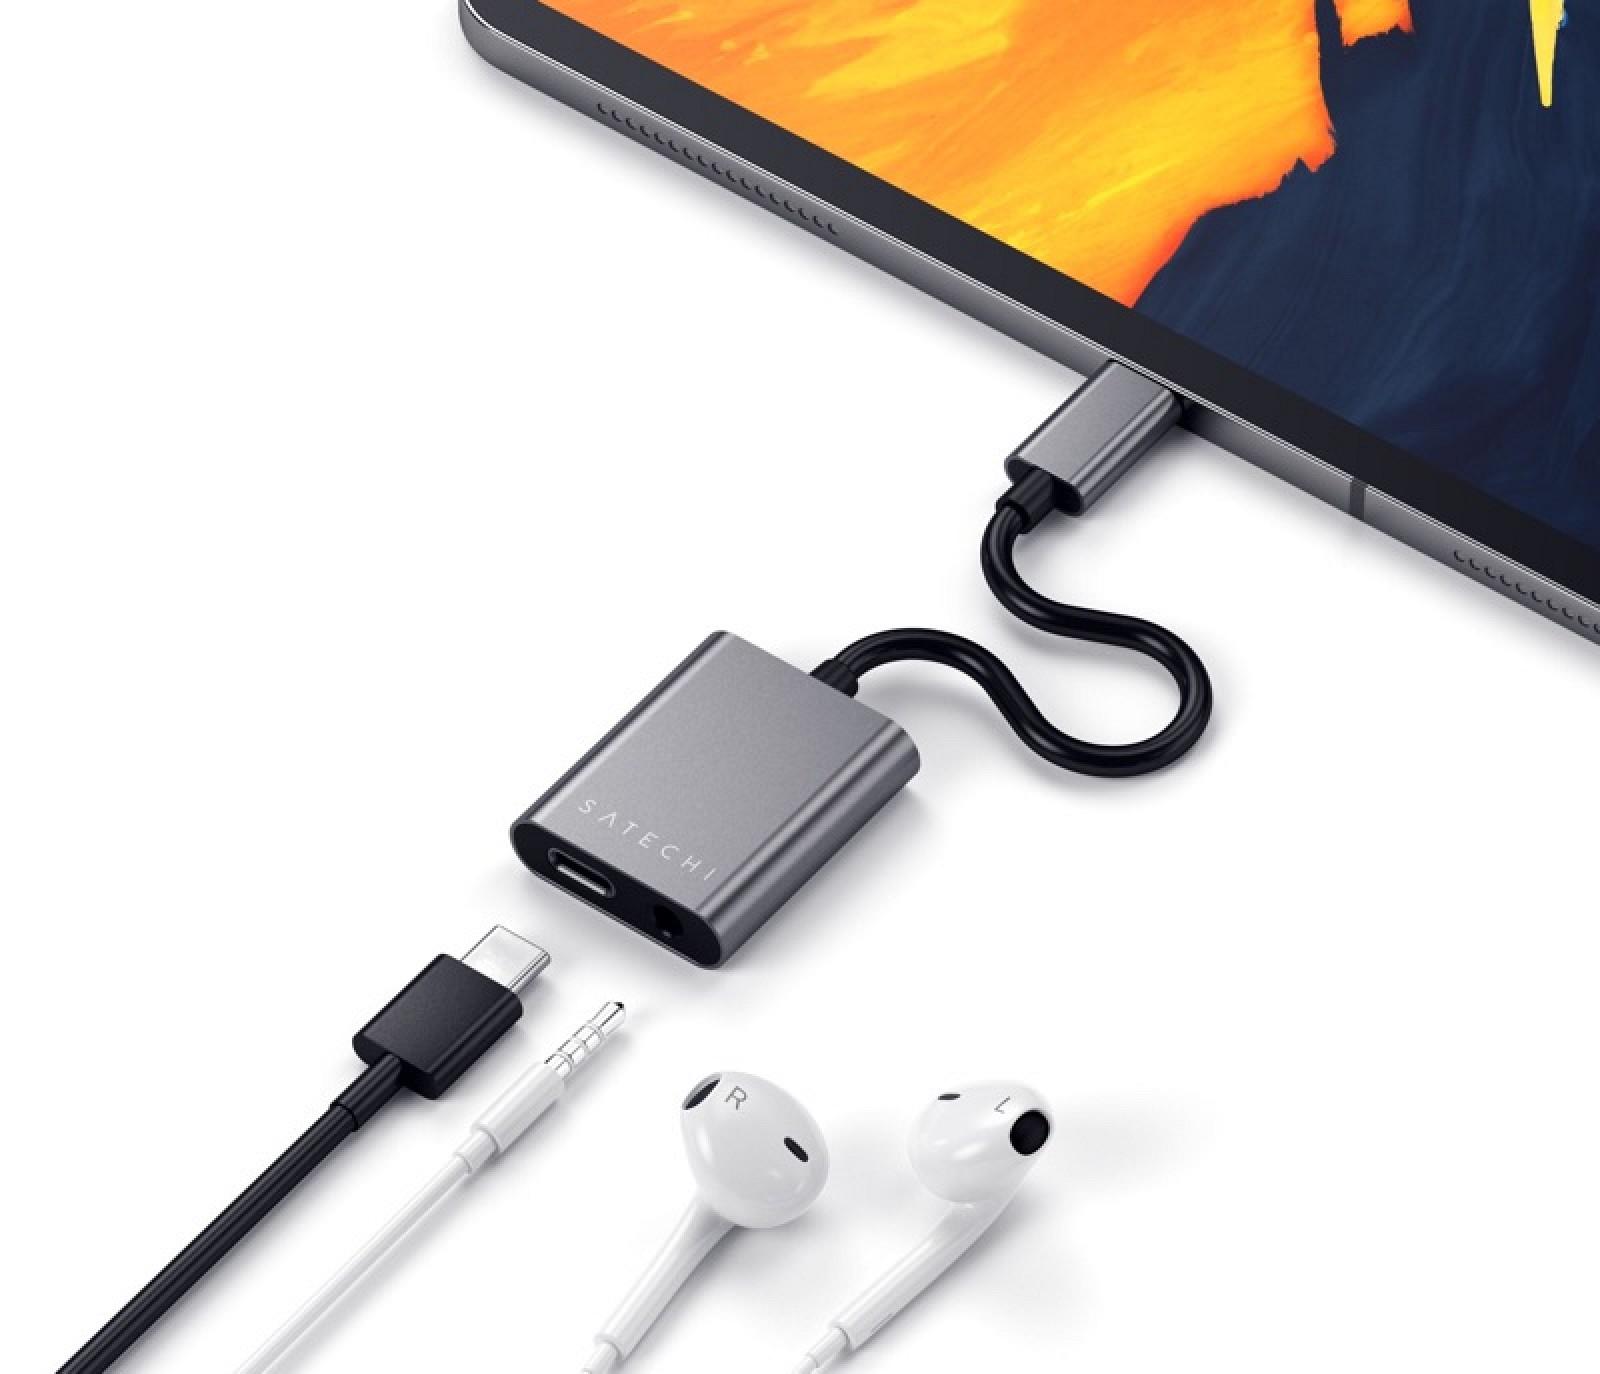 Satechi lanza el nuevo adaptador de conector para auriculares USB-C y el cable de carga de 100W USB-C